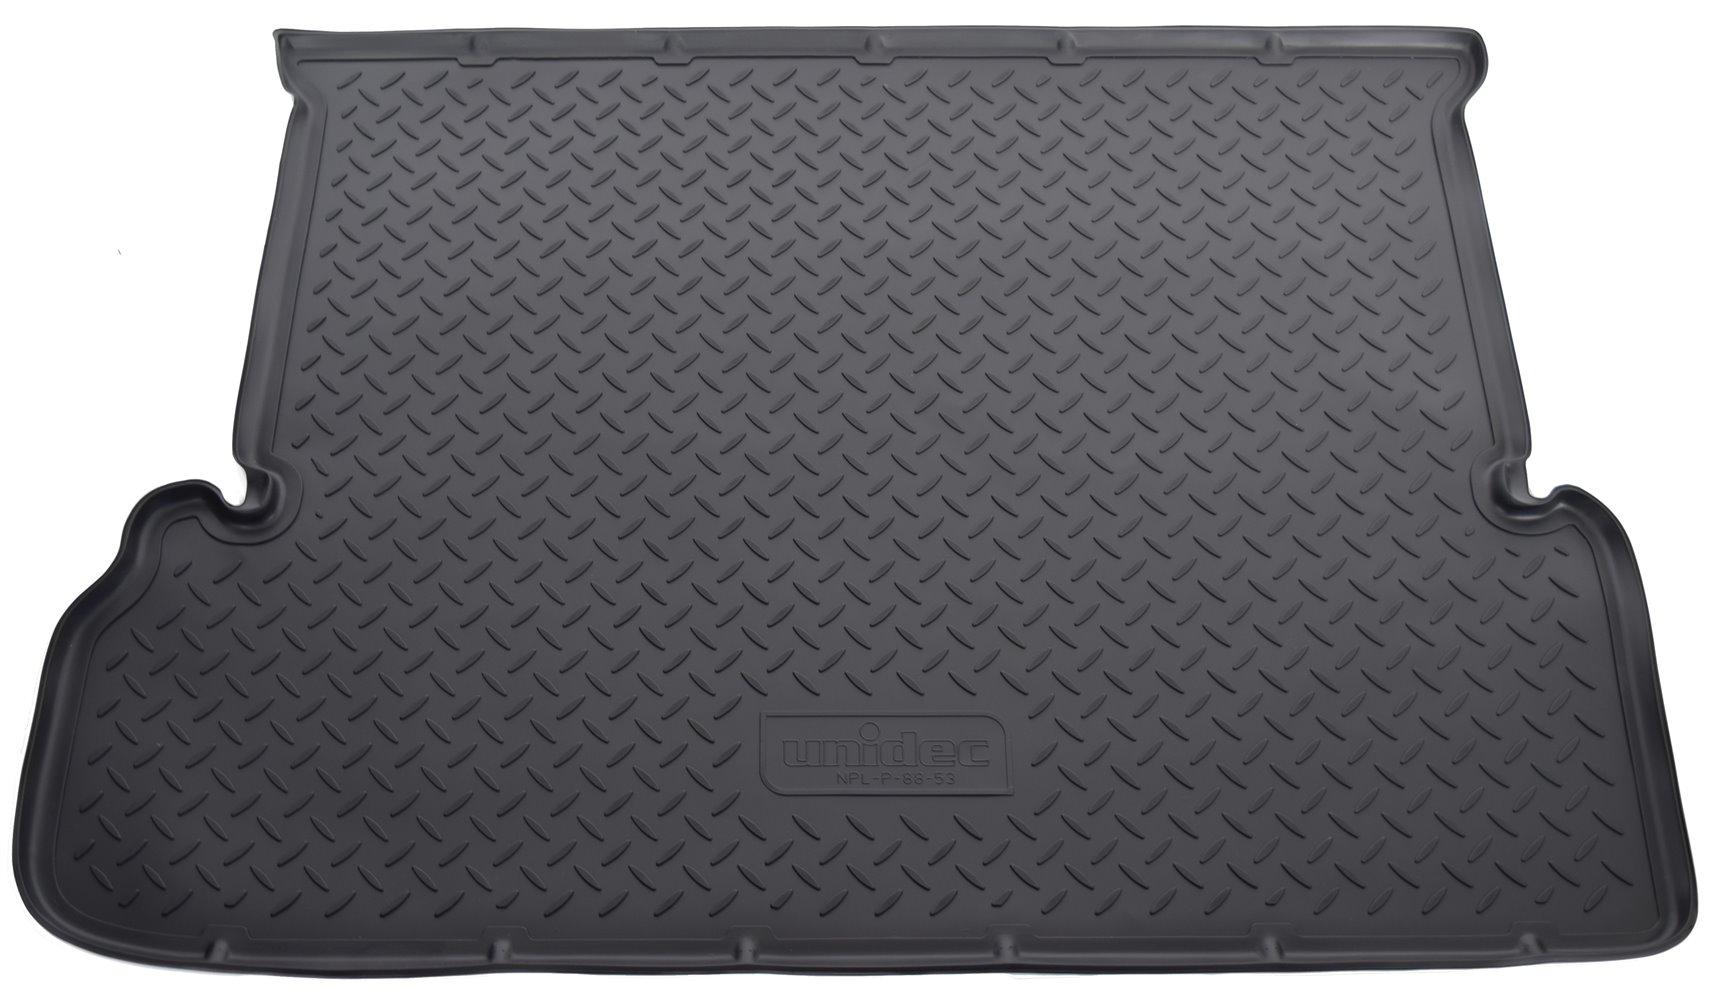 Коврик багажника для Toyota LC-150 Prado (J150) (2010) (7 мест) комплект ковриков в салон автомобиля klever toyota land cruiser 150 2013 2015 2015 standard